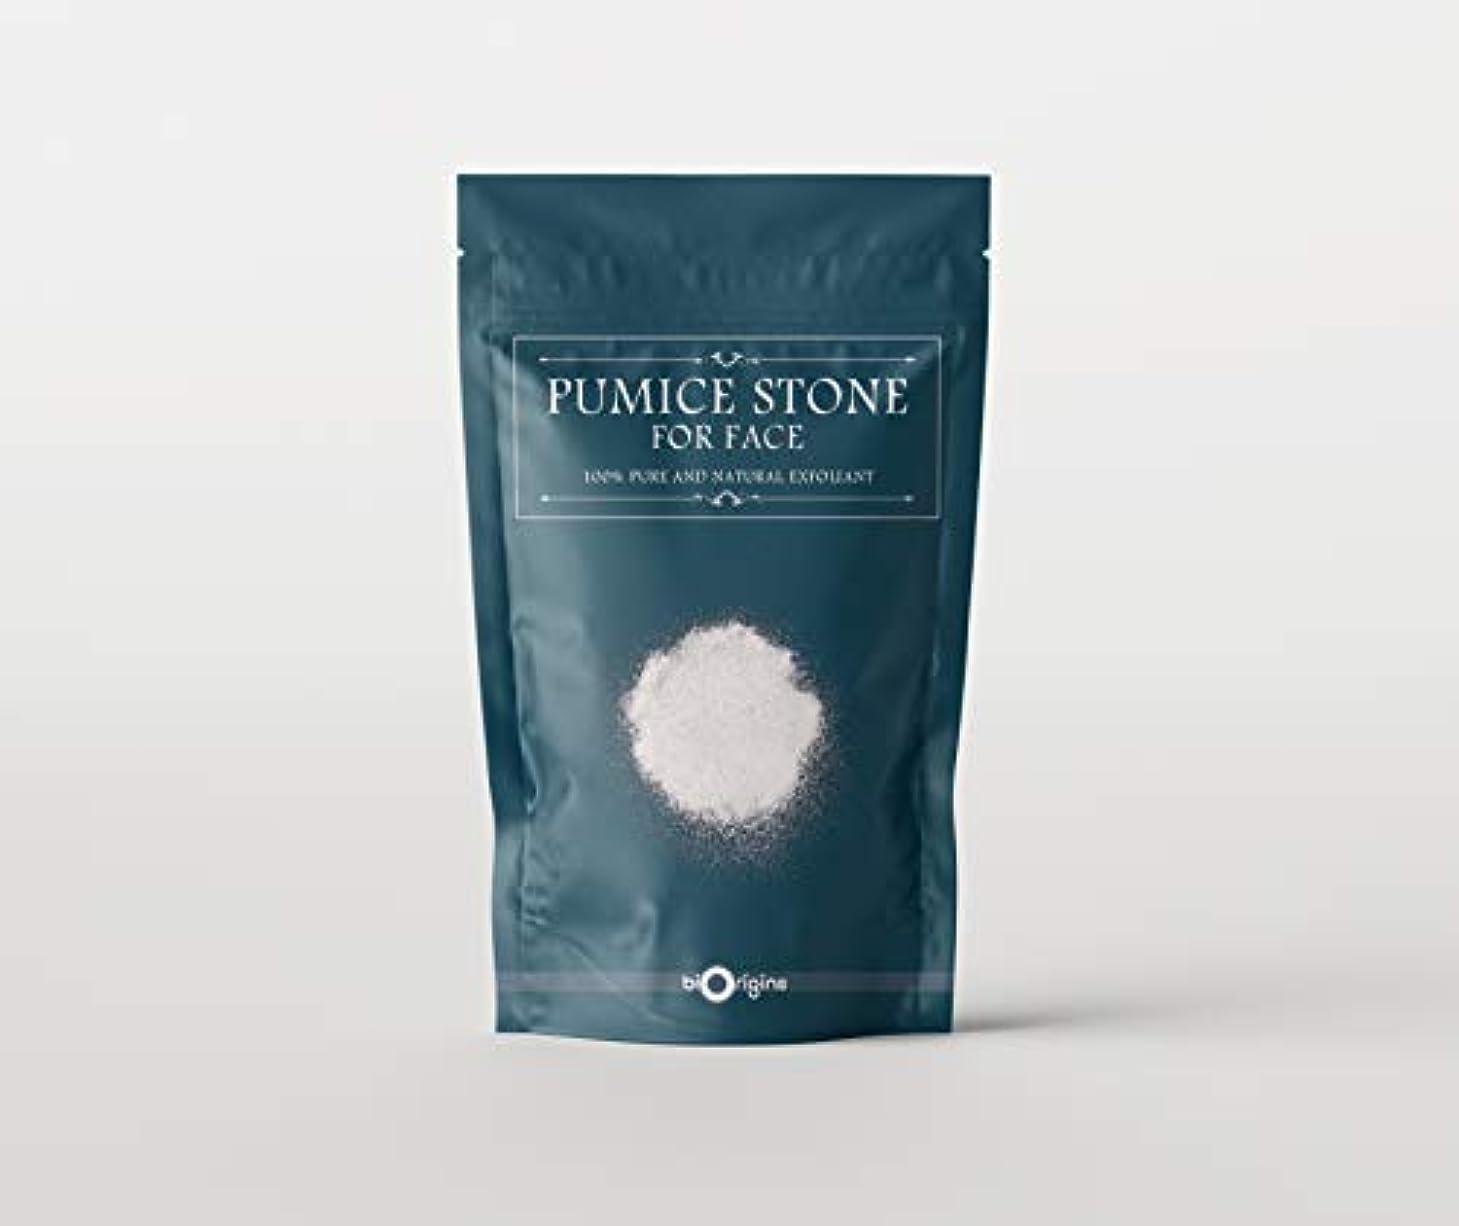 オンスビーム鉛筆Pumice Stone Superfine For Face Exfoliant 1Kg